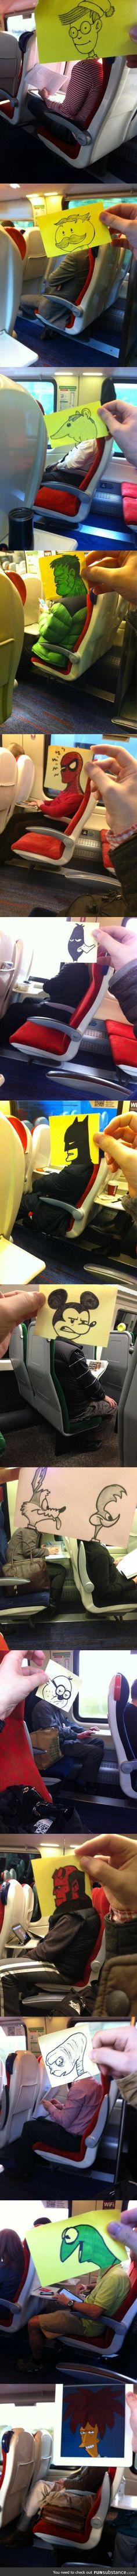 Commuting Doodles by October Jones. FUNNY